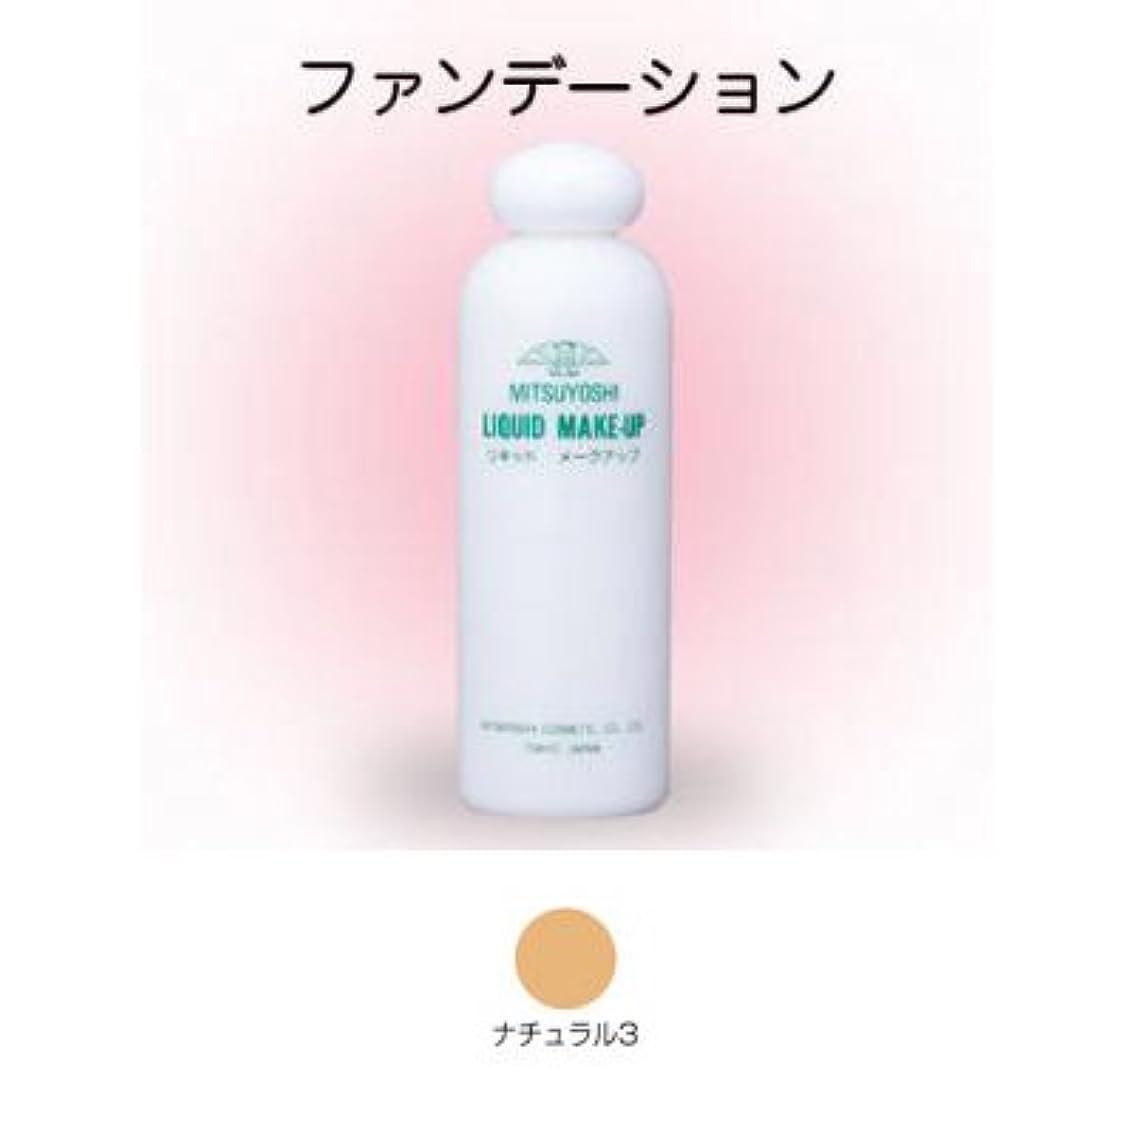 解放旅客浪費リキッドメークアップ 200ml ナチュラル3 【三善】